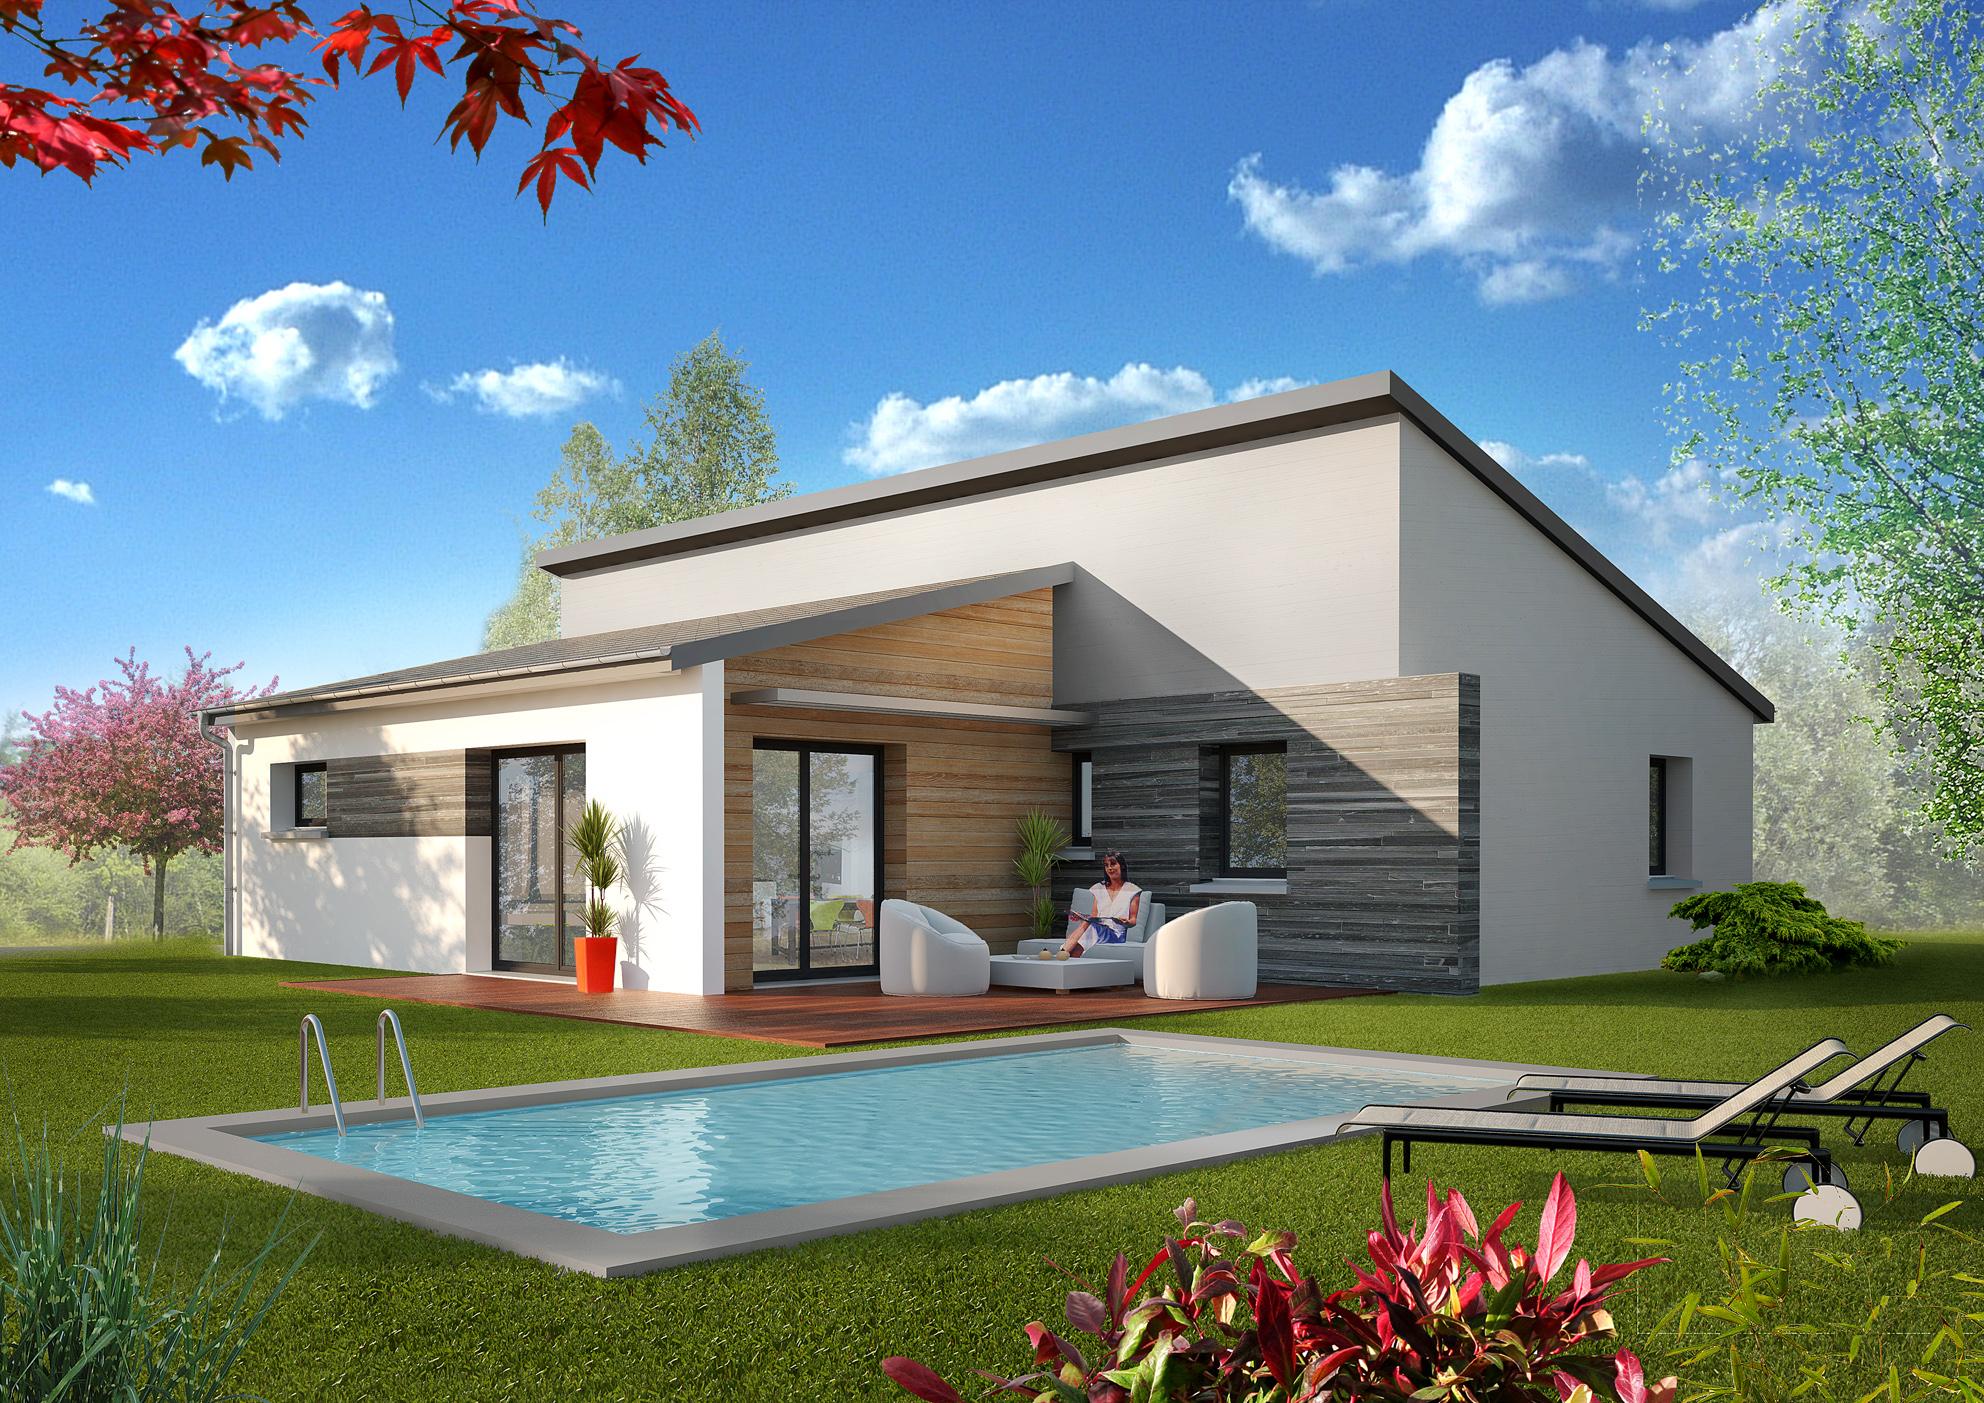 Maisons rocbrune constructeur agr maisons de qualit for Constructeur de maison 43